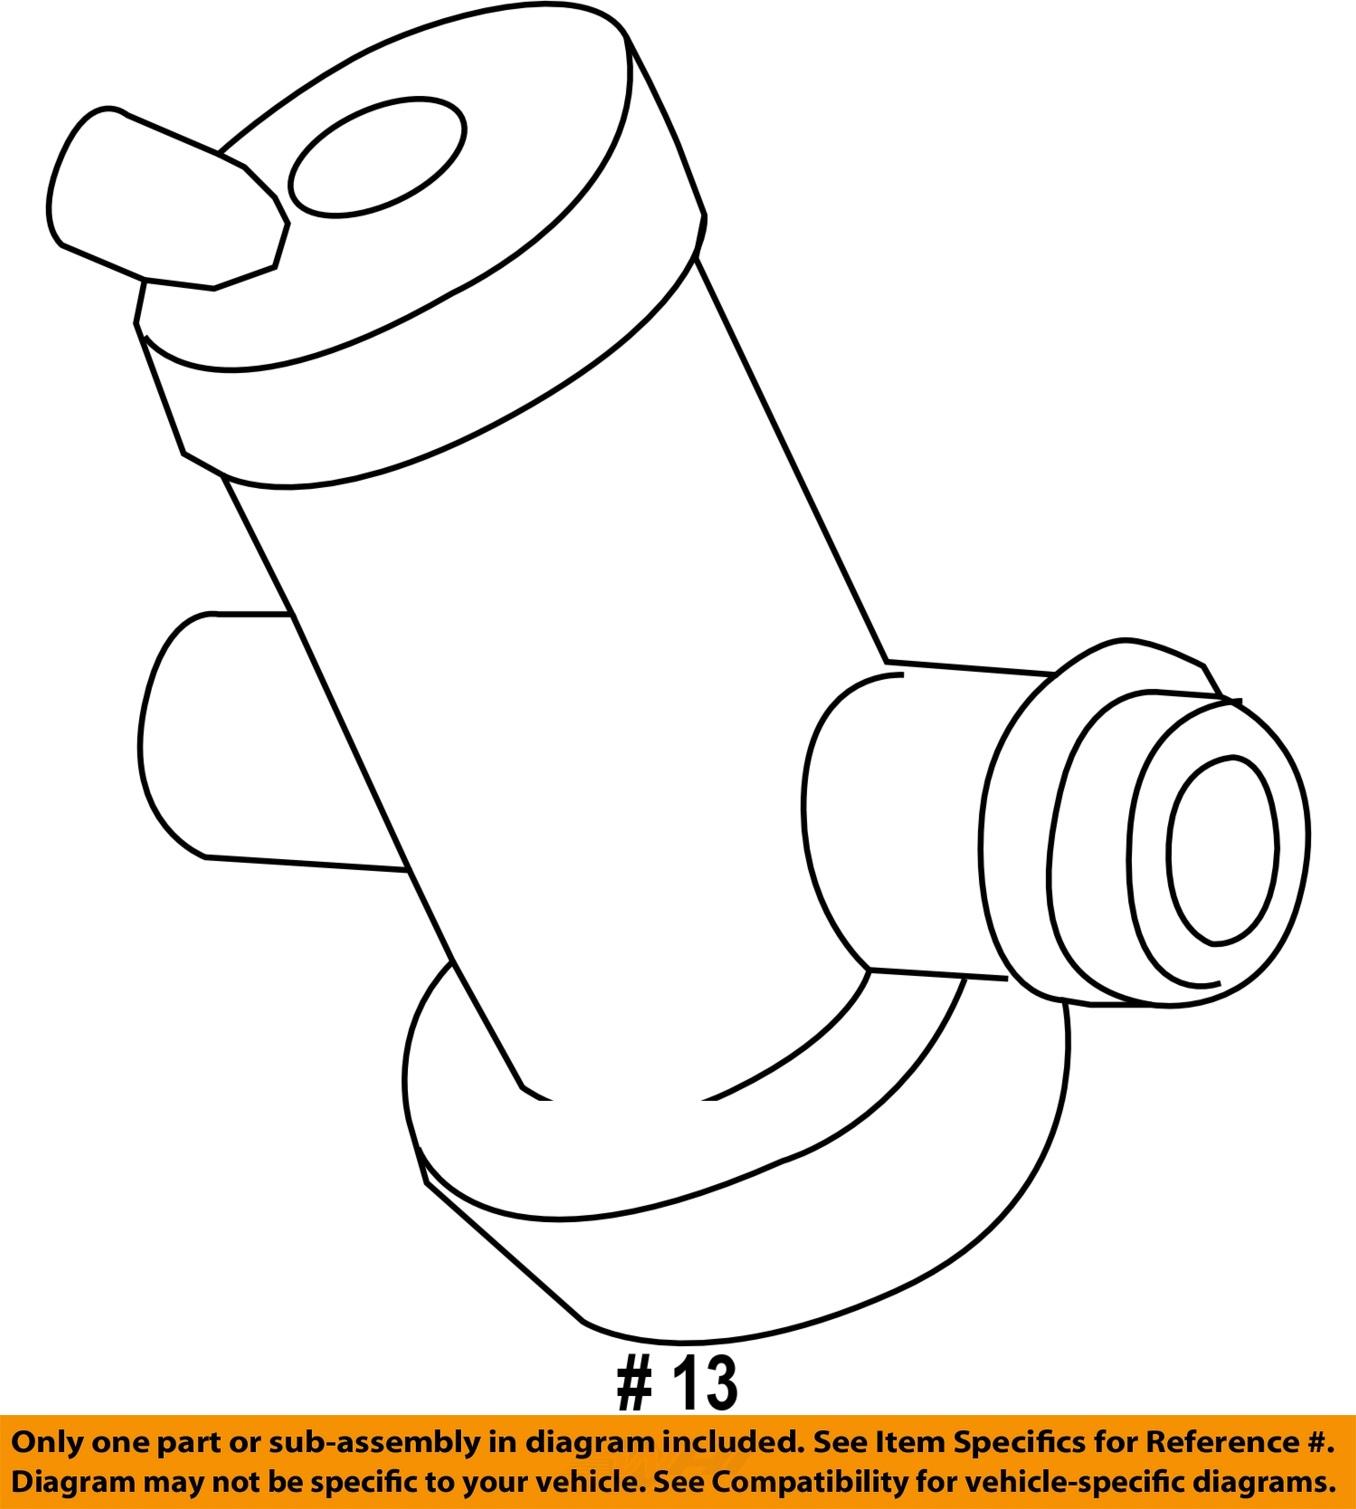 W211 mercedes benz e230 avantgarde review 5 also 239030d1341192250 2002 c320 no start mb fuel pump